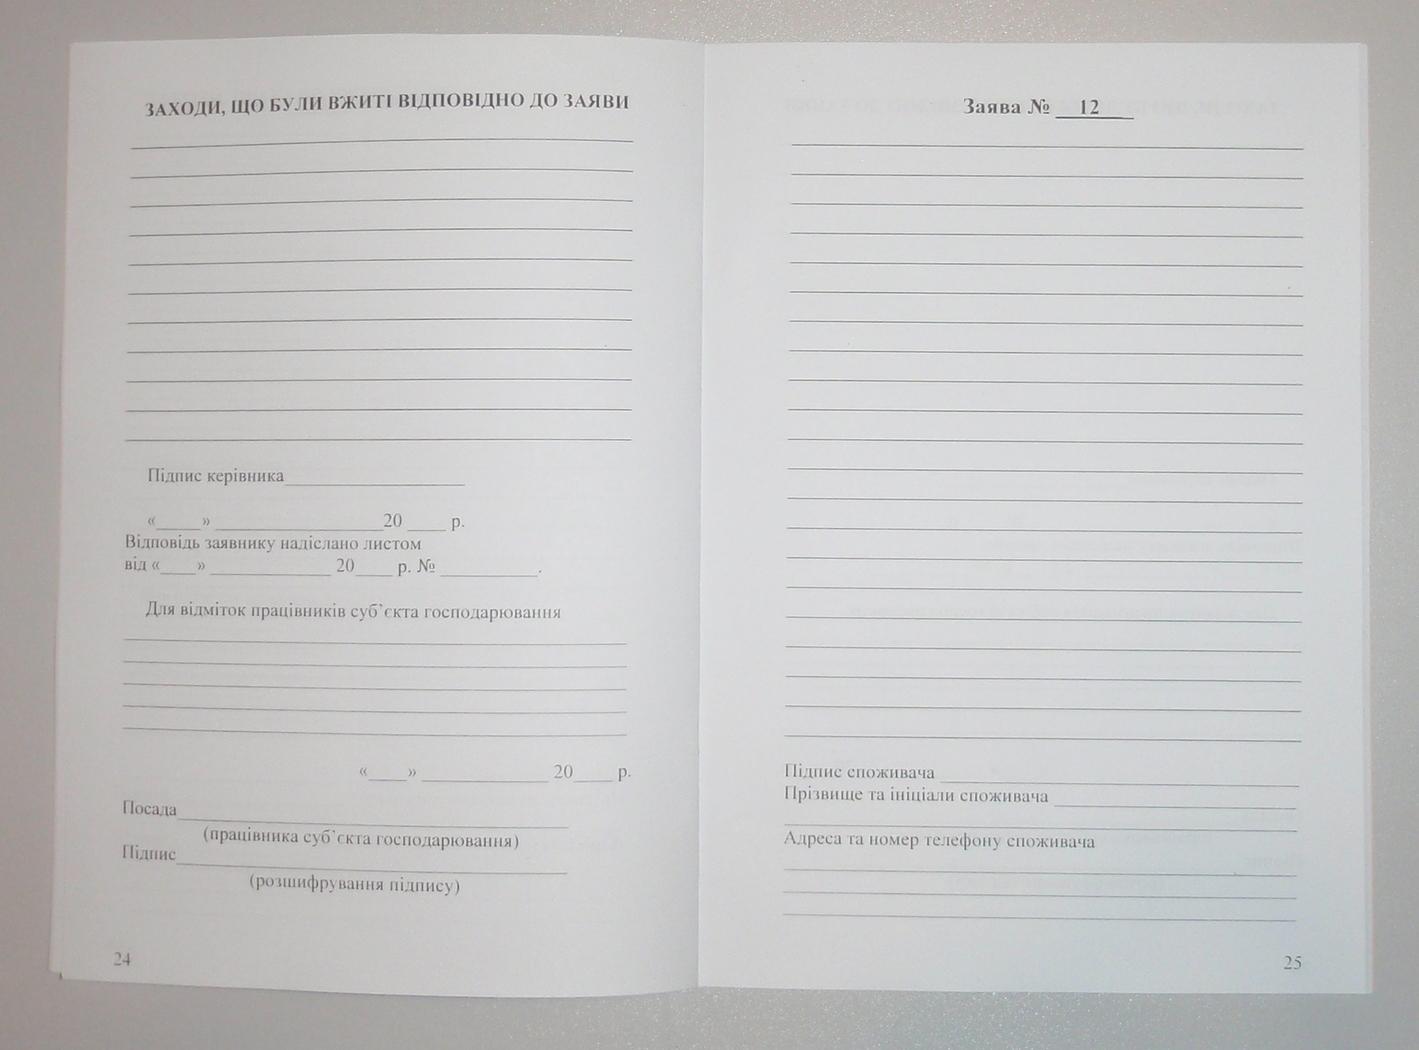 Скачать шаблон книги отзывов и предложений